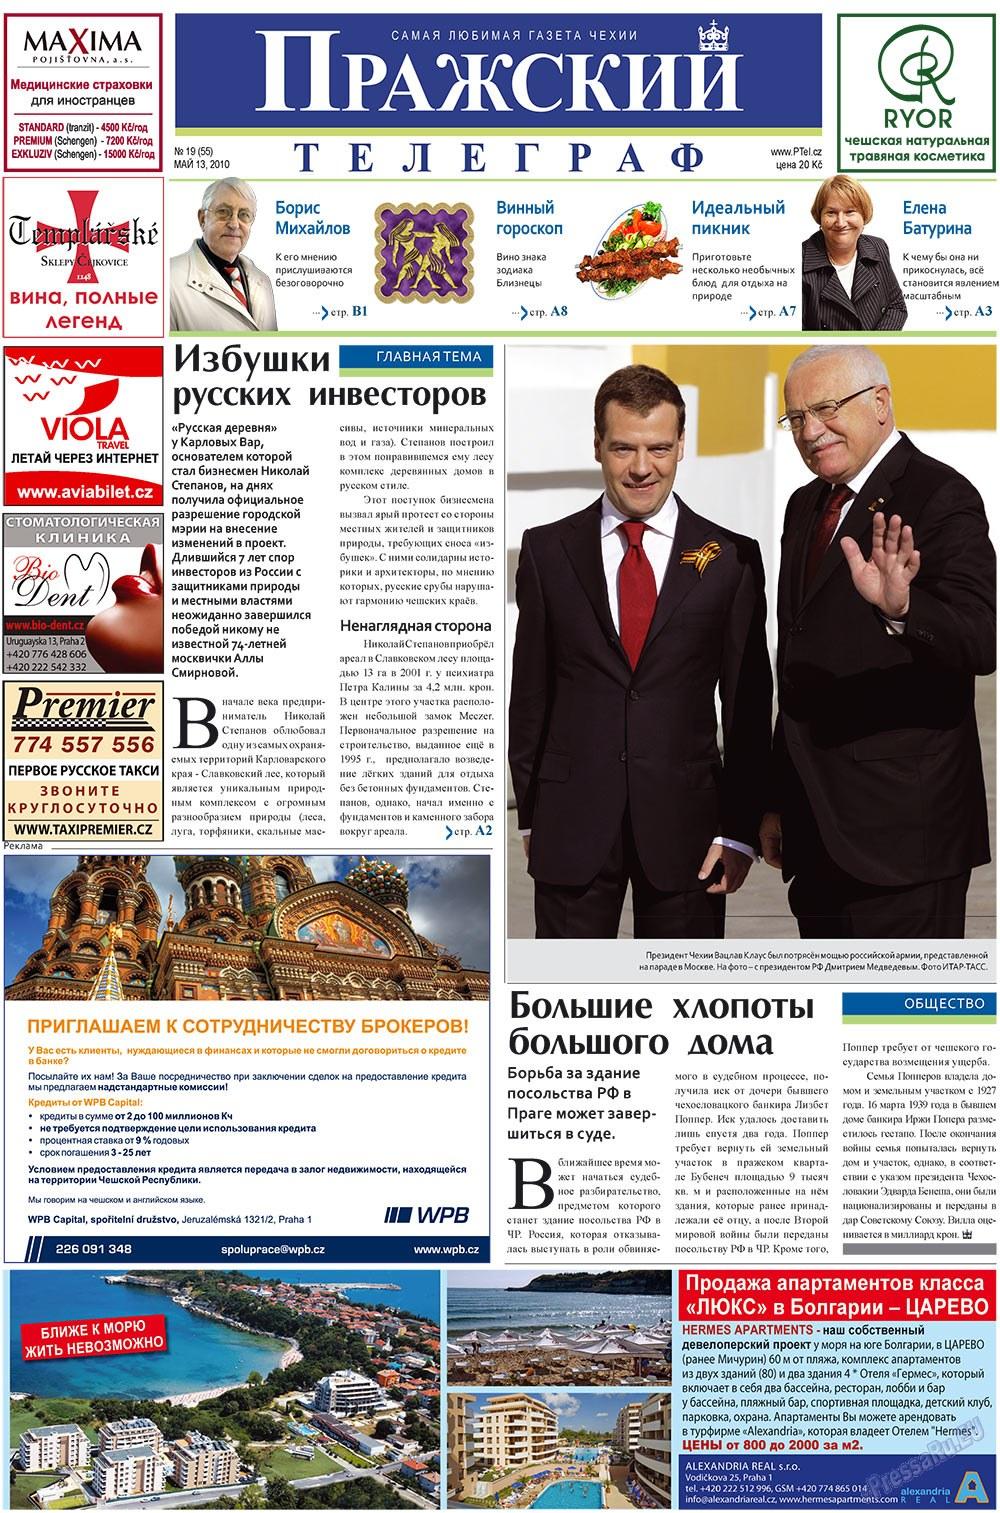 Пражский телеграф (газета). 2010 год, номер 19, стр. 1